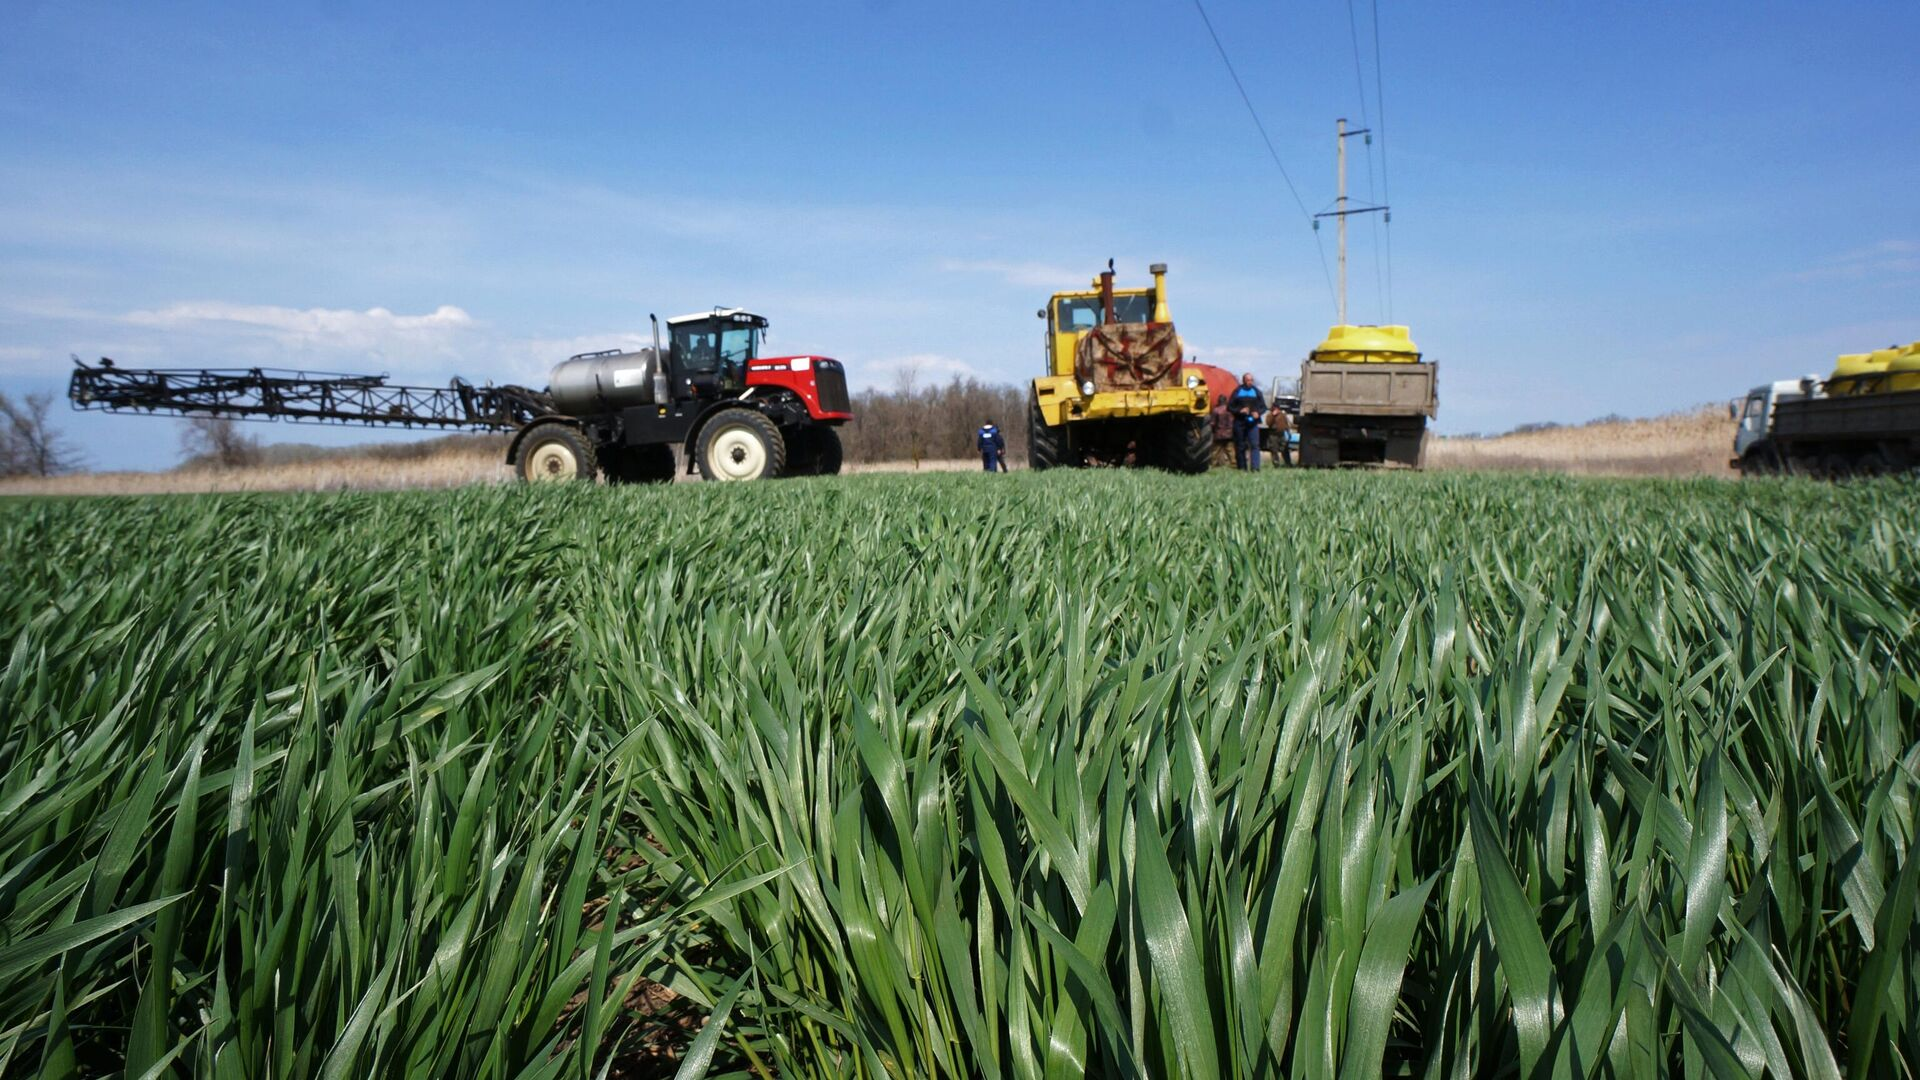 Ученые пересматривают технологии выращивания пшеницы для повышения урожая